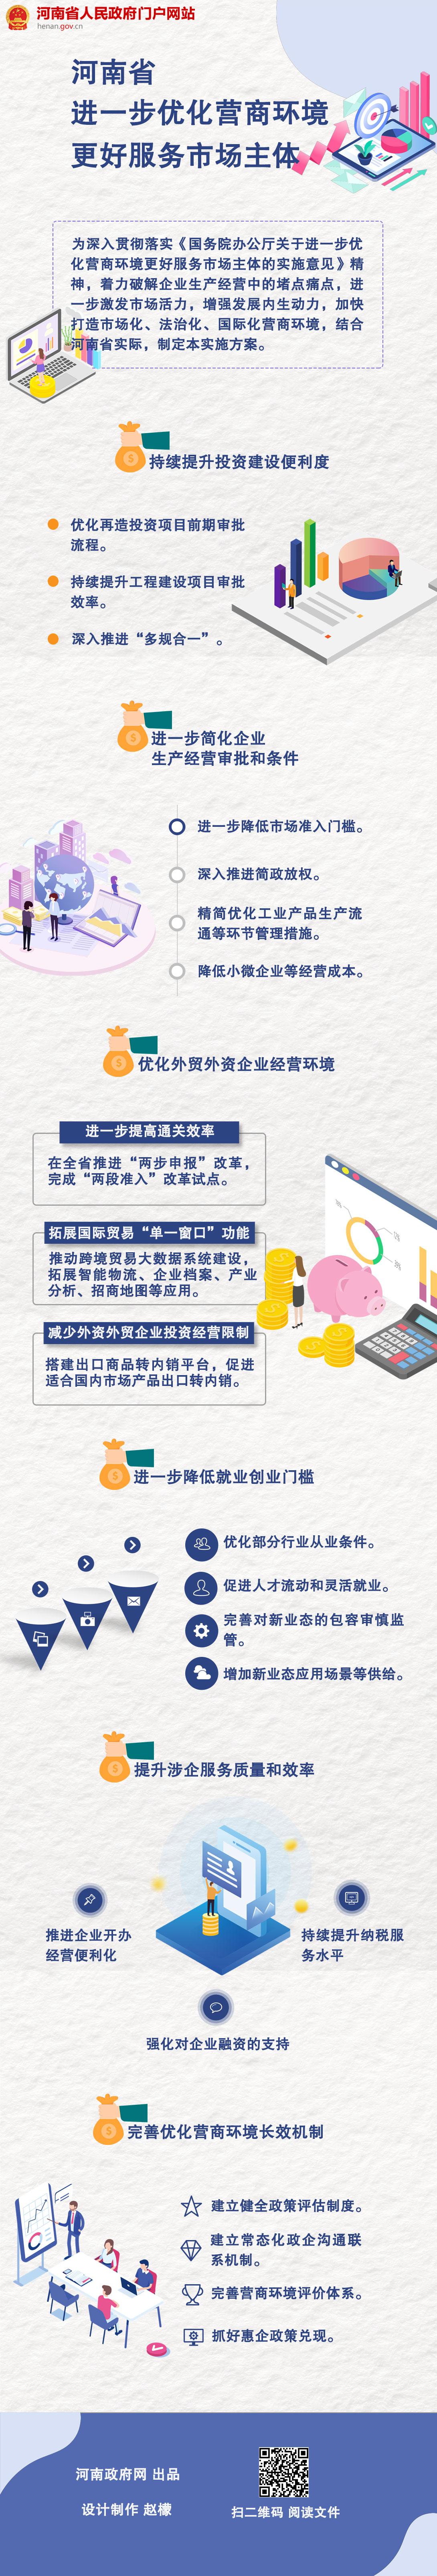 图解:河南省进一步优化营商环境更好服务市场主体